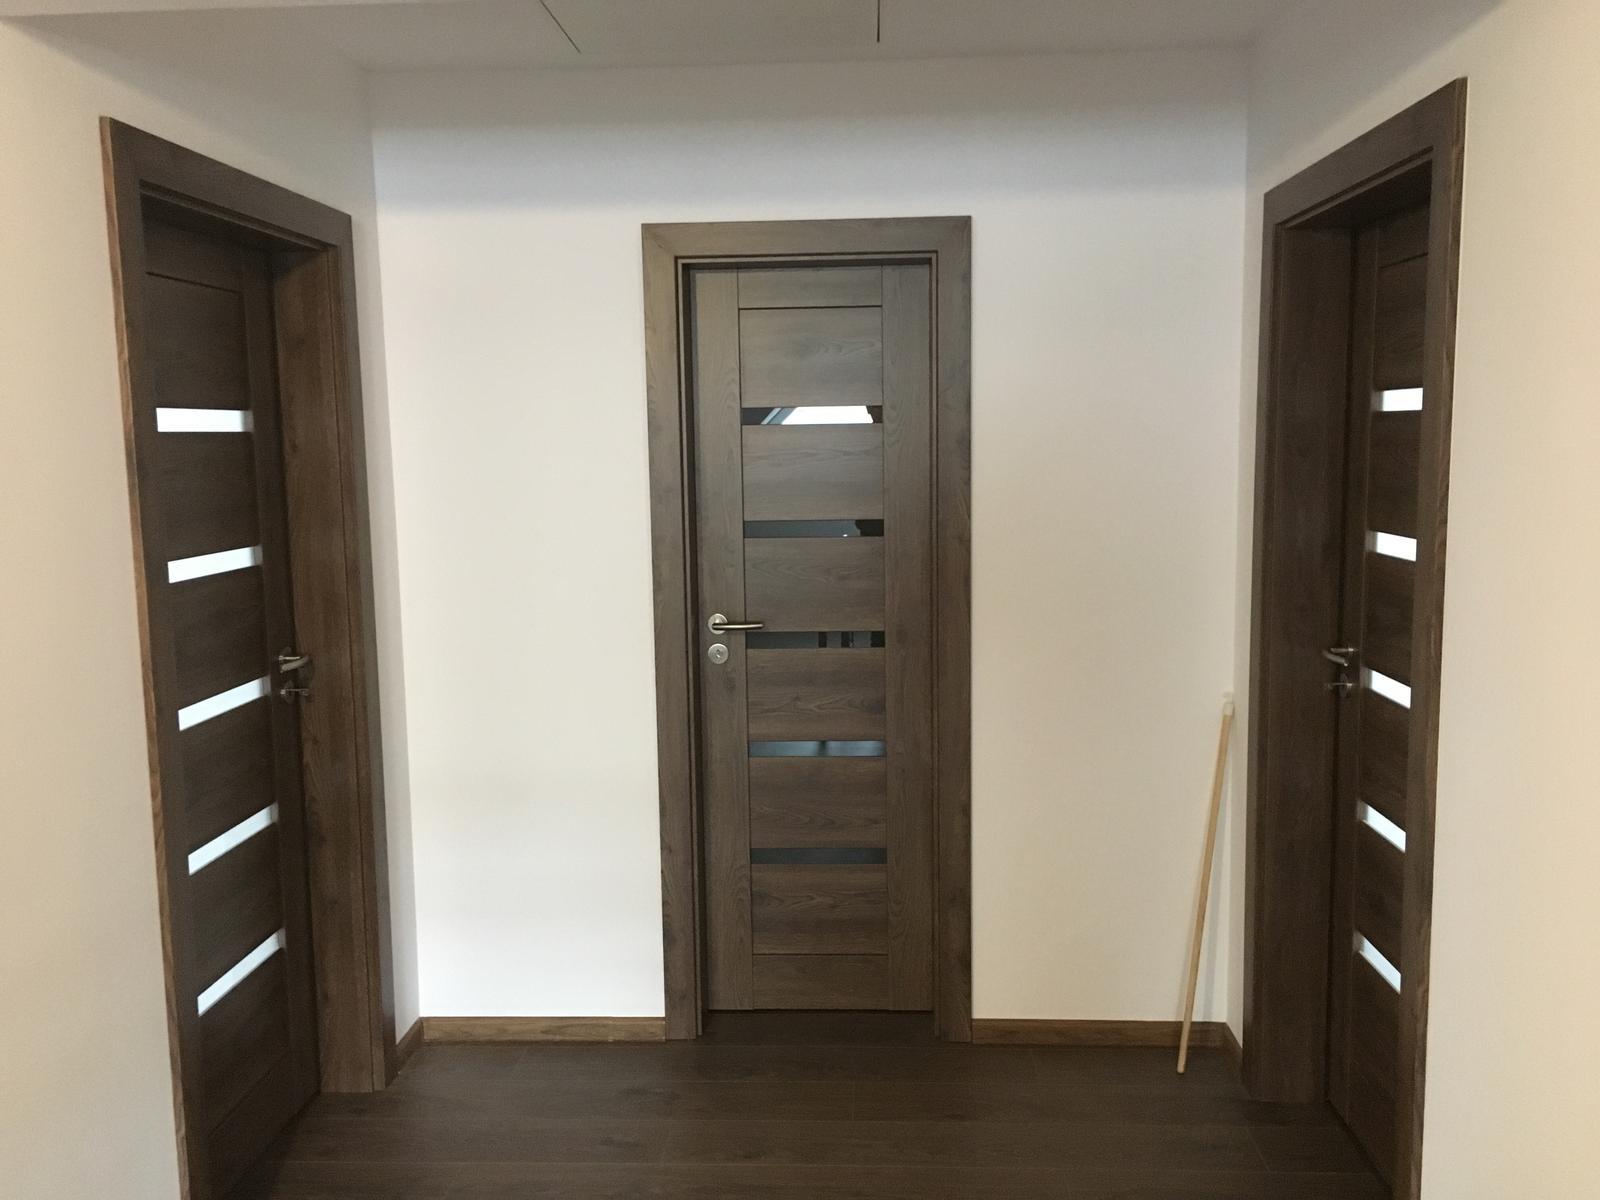 Elegantné rámové dvere Pol-Skone Arco - Interiérové dvere Arco, povrchová úprava Eco Top: Dub Nugát